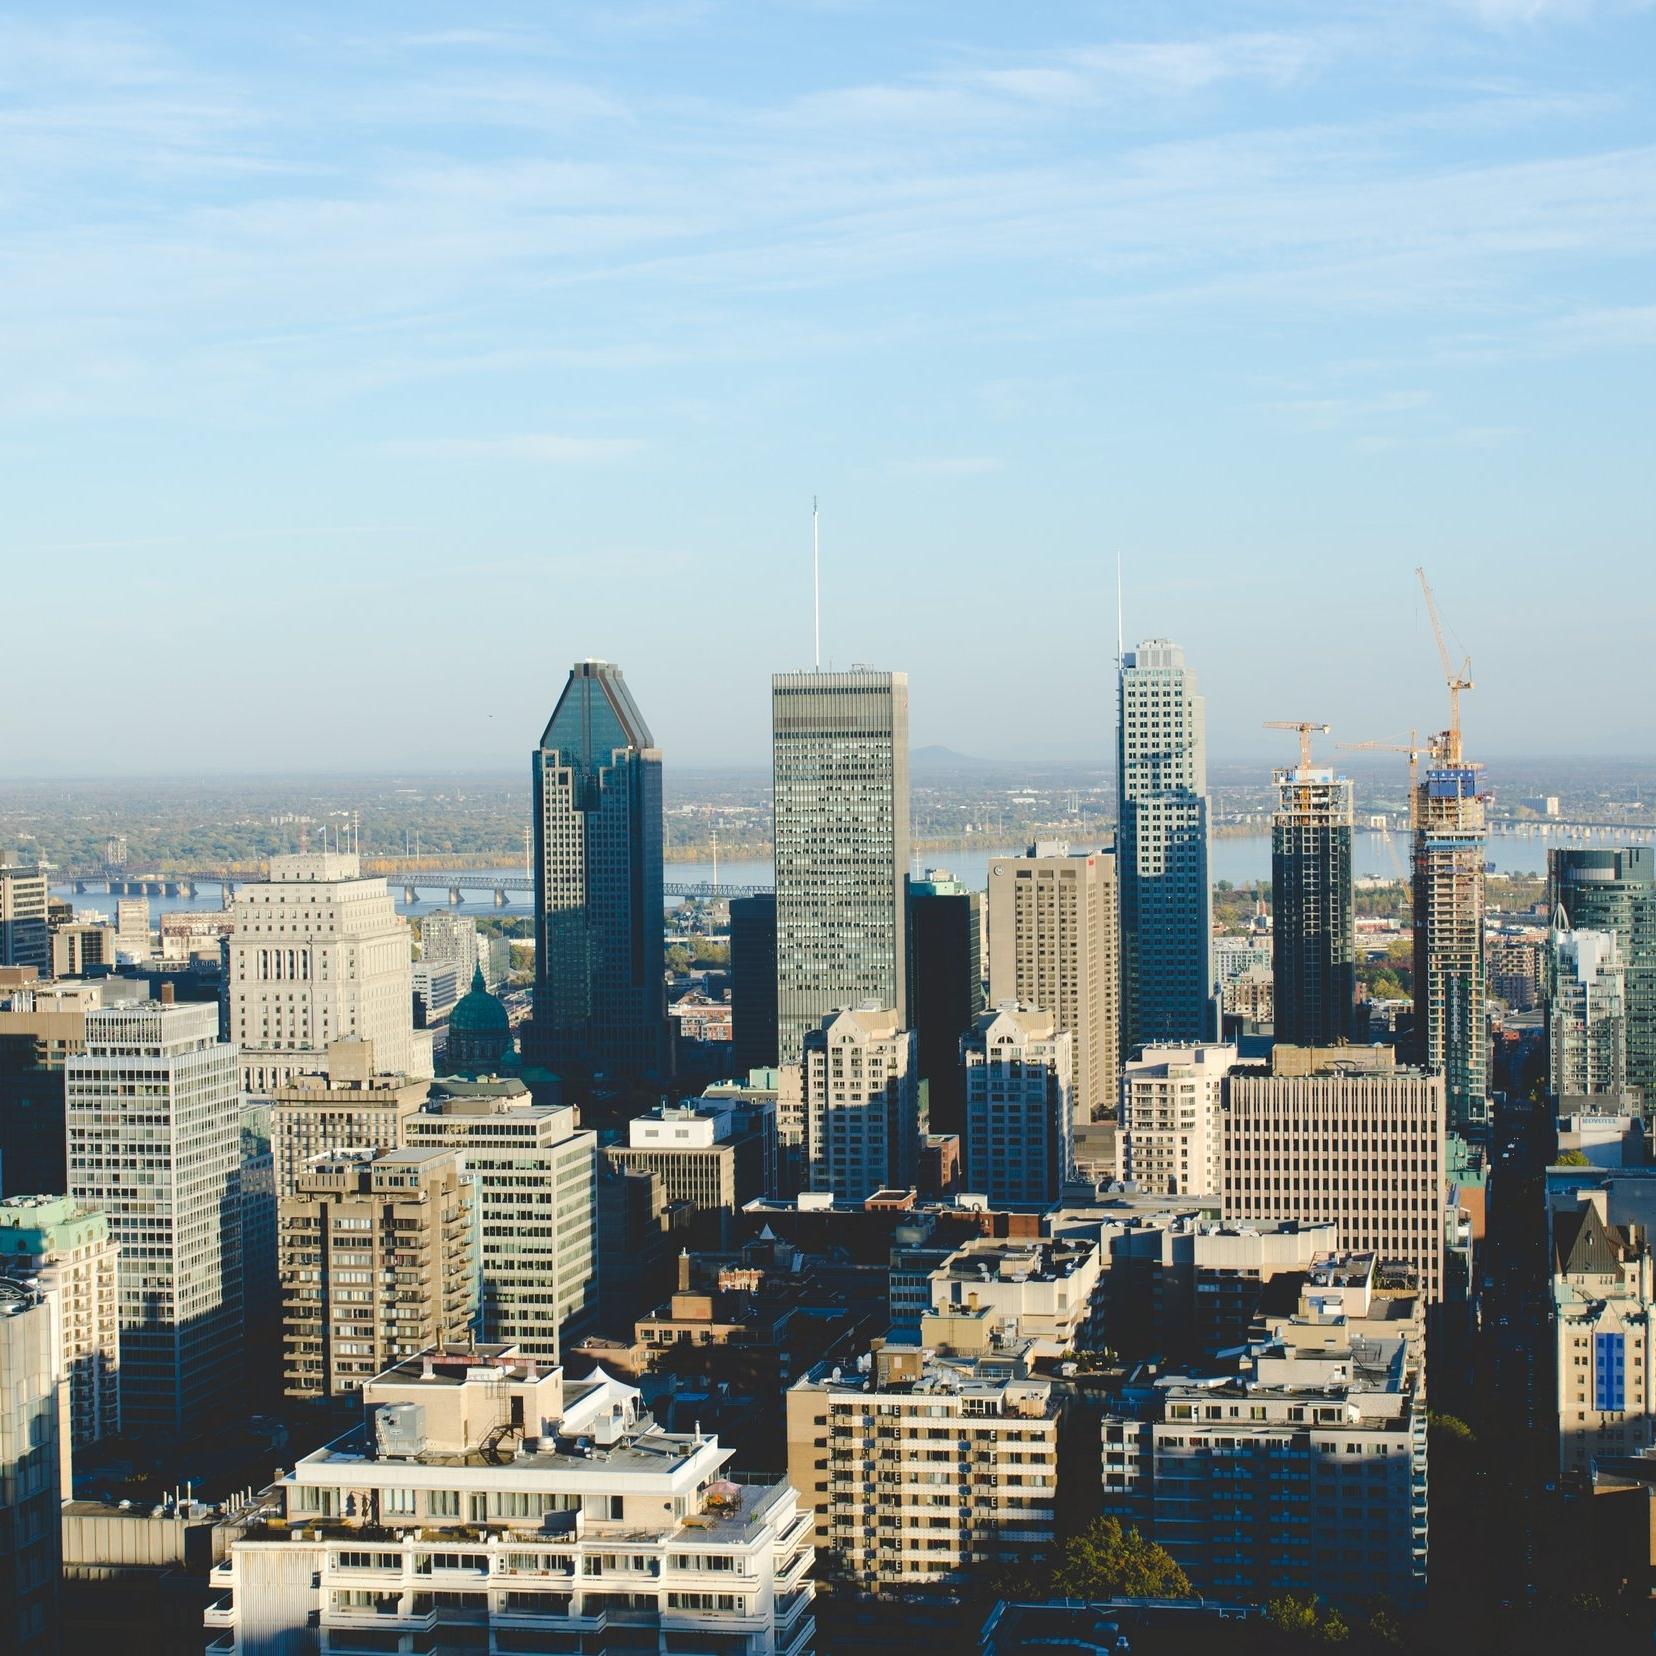 Vision - Créer un écosystème entrepreneurial durable et de calibre mondial, qui soutient l'économie du savoir et qui alimente un pipeline d'entreprises à forte croissance, pour aider Montréal à être compétitive à l'échelle internationale.